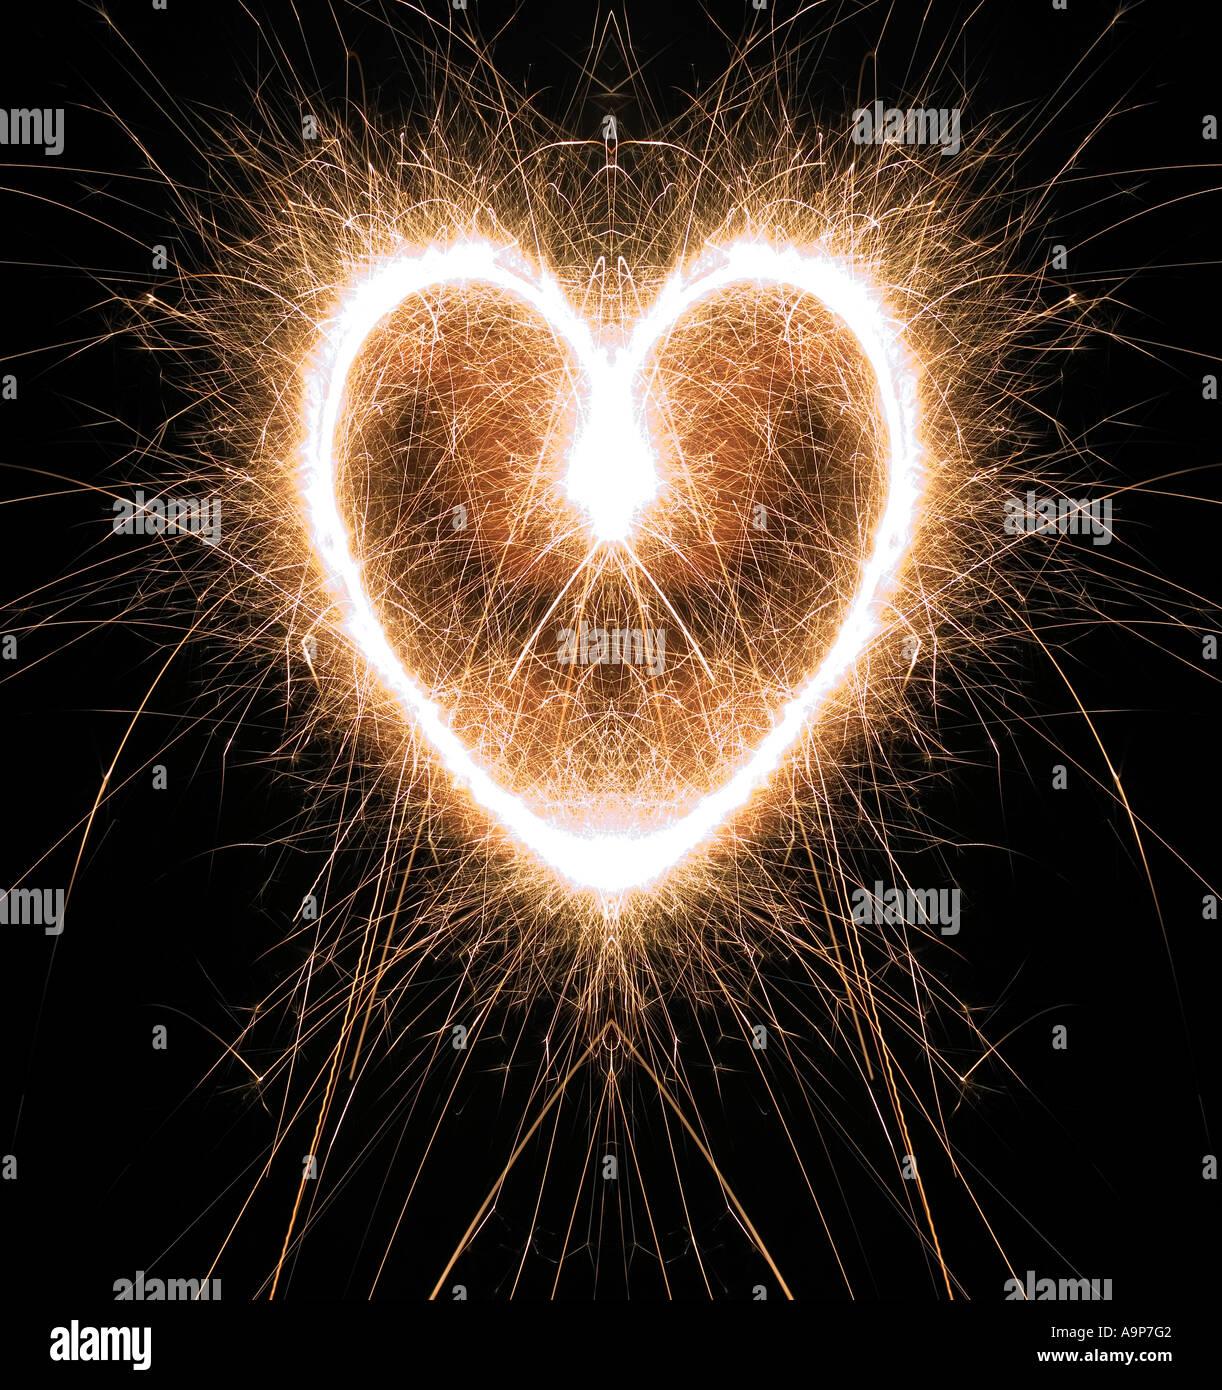 Forme de coeur pétillant de nuit avec les cierges magiques Photo Stock